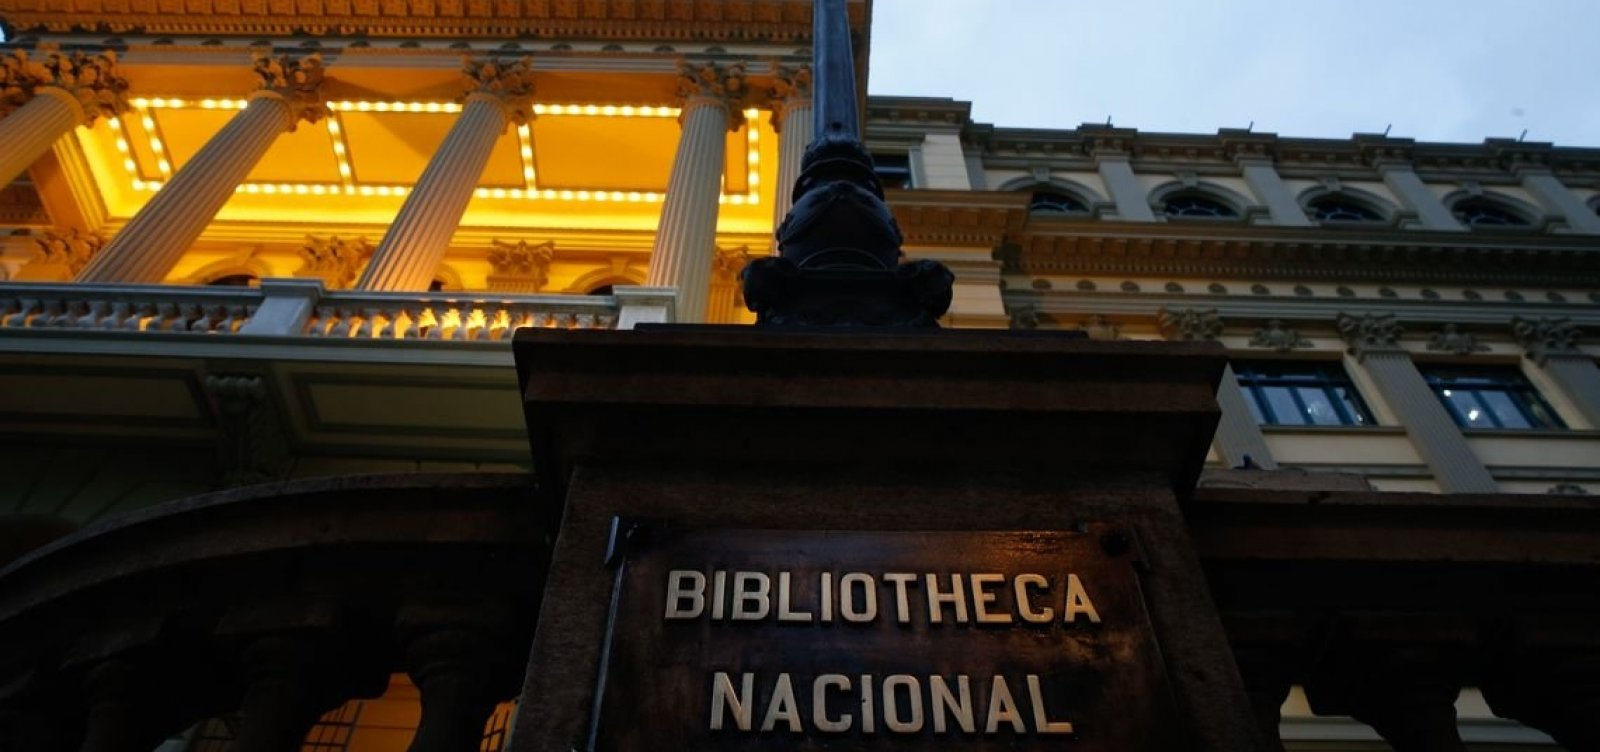 Governo nomeia novos presidentes da Funarte e da Biblioteca Nacional